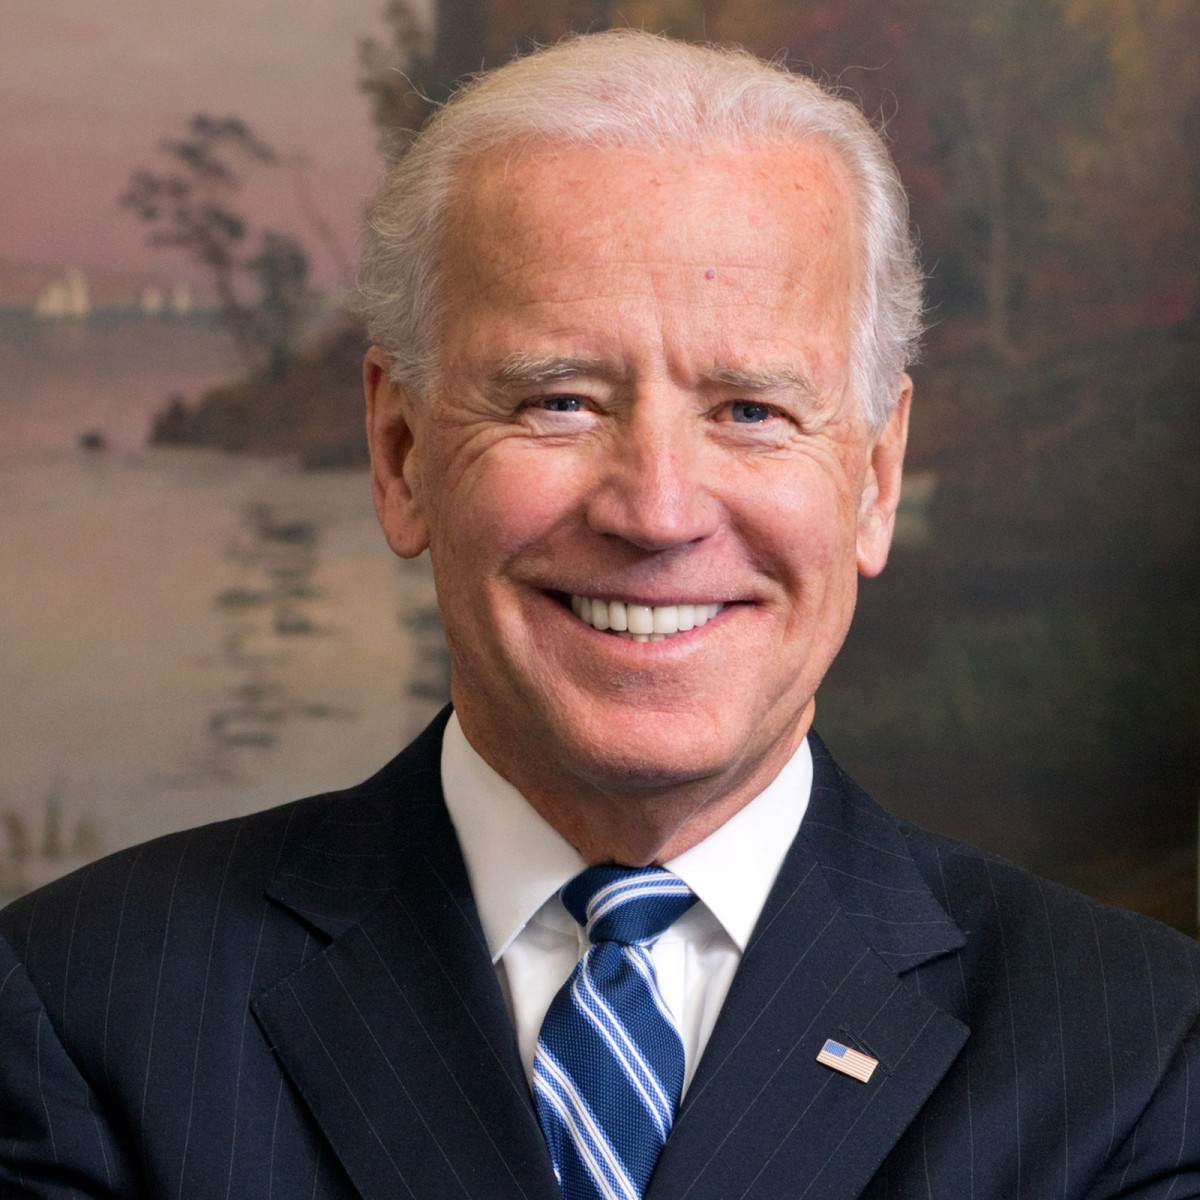 États-Unis: un prêtre refuse à Joseph R. Biden l'accès à la communion